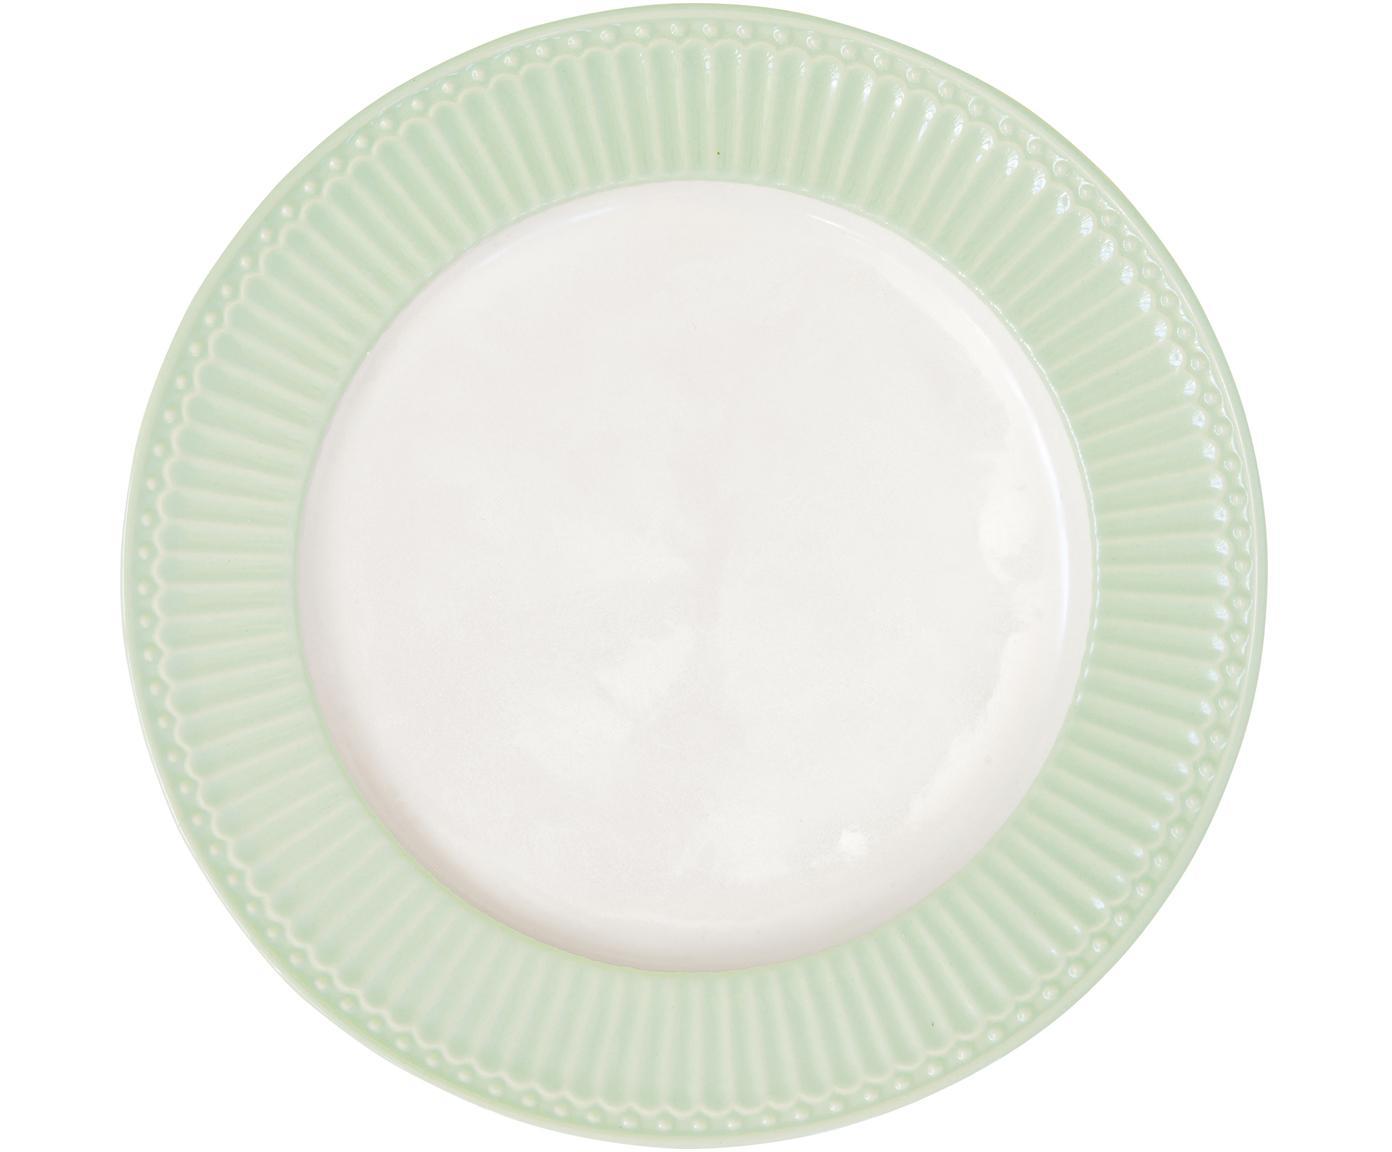 Speiseteller Alice in Pastellgrün mit Reliefdesign, 2 Stück, Porzellan, Mintgrün, Weiß, Ø 27 cm